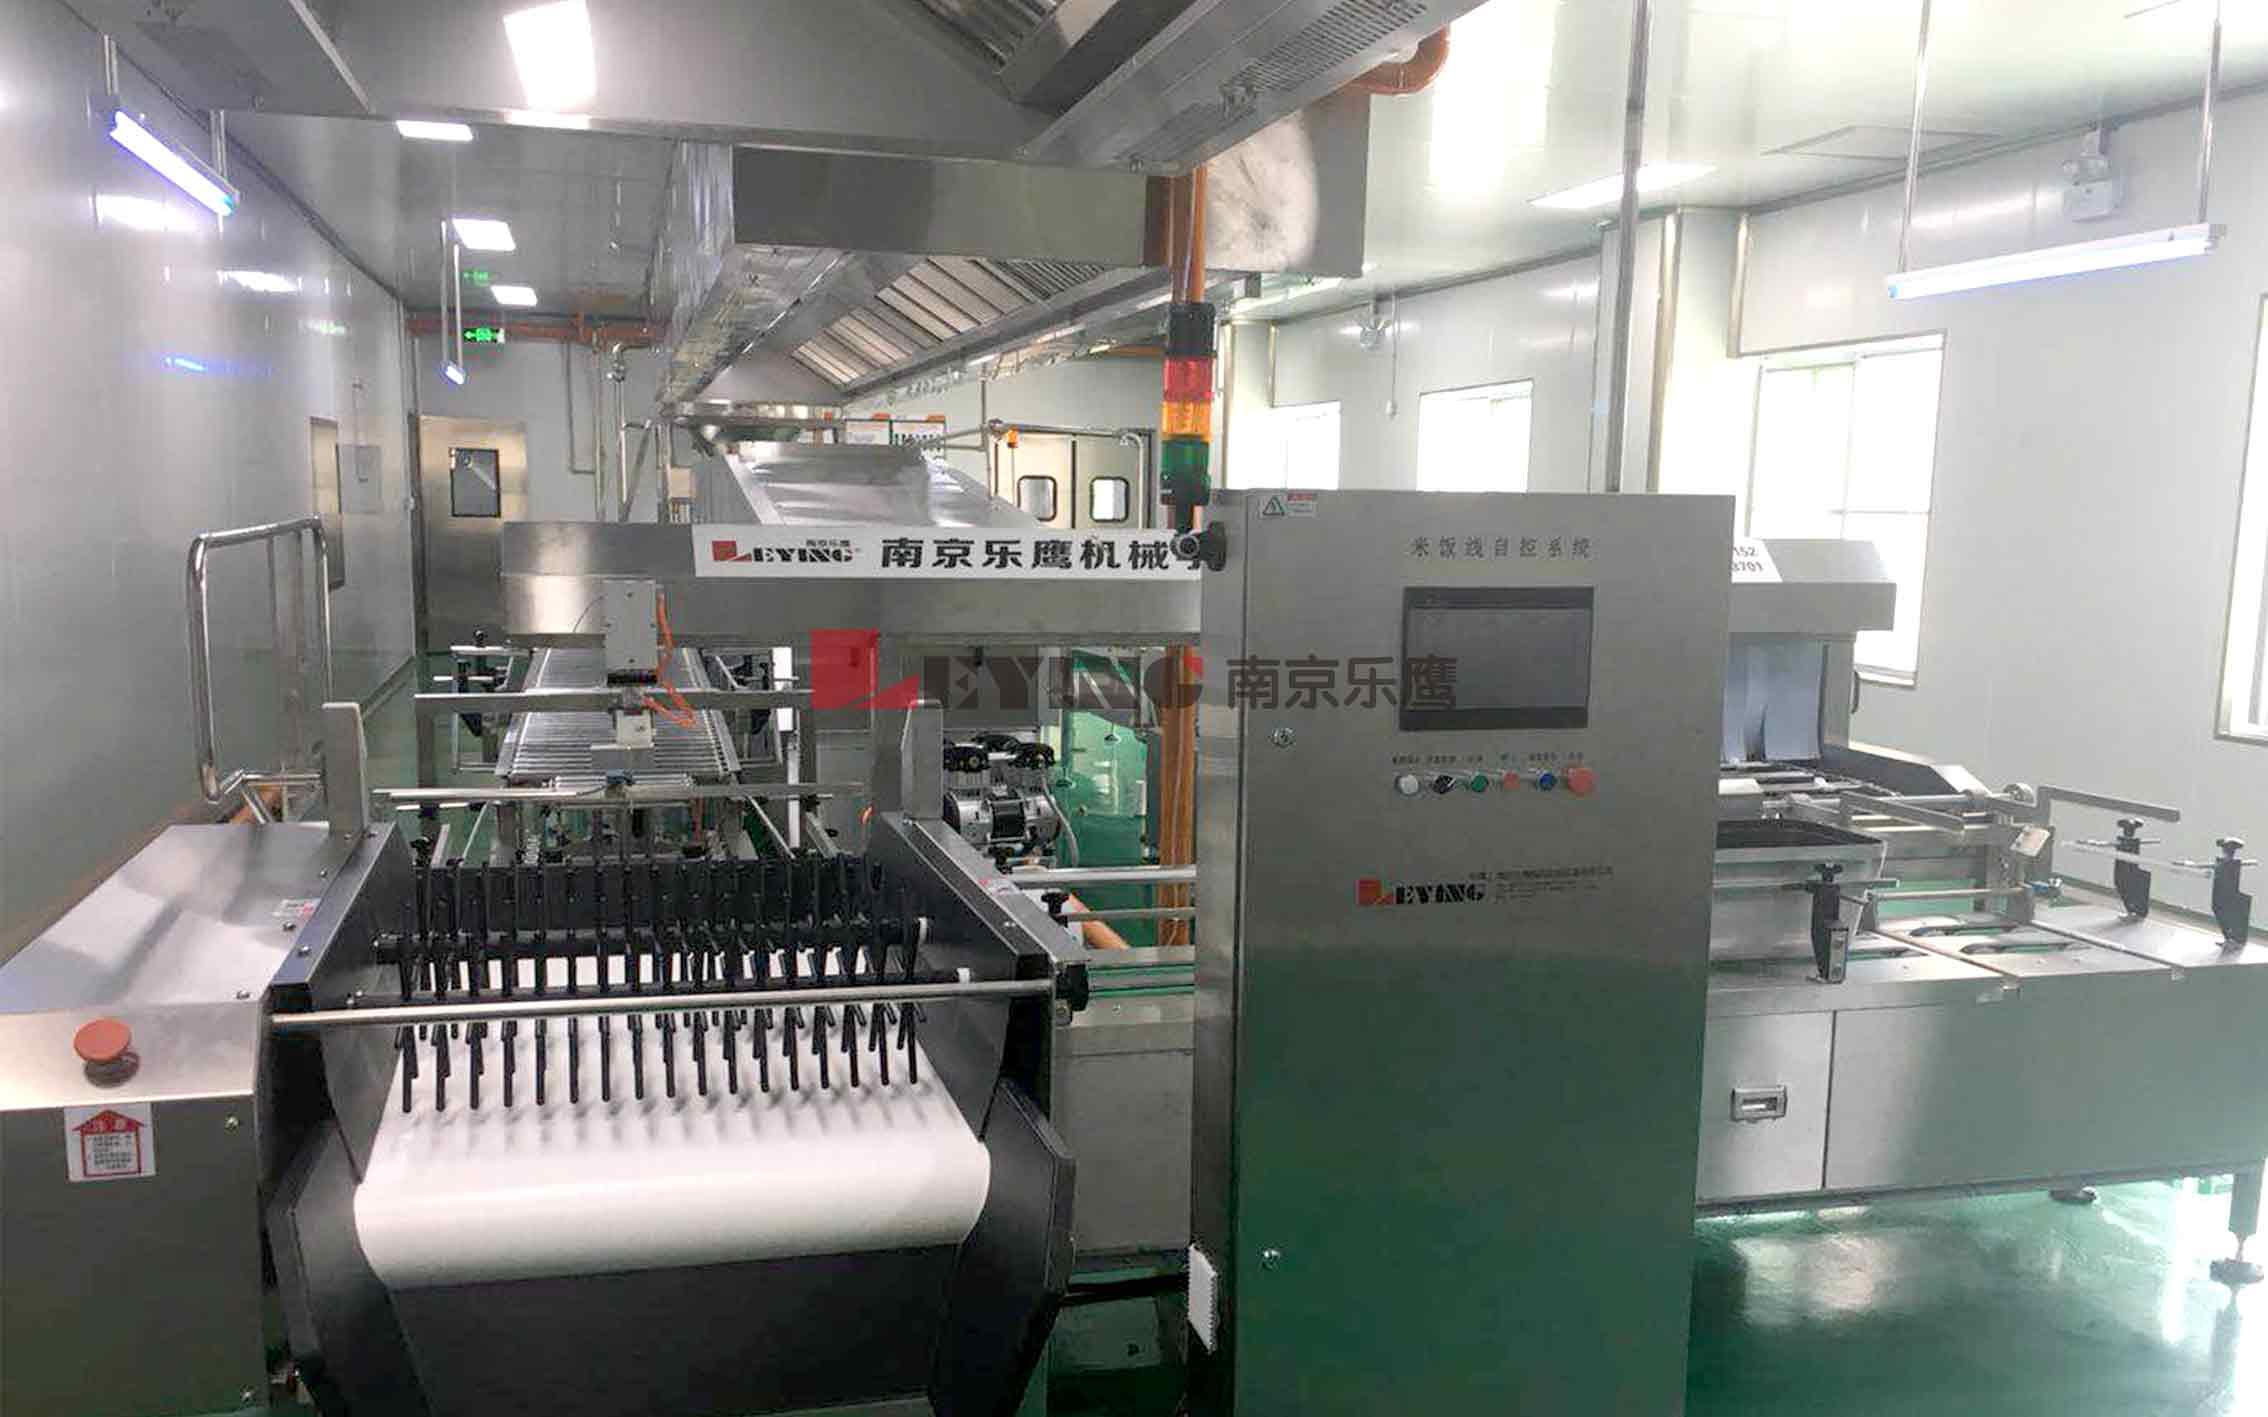 中央厨房 / 北京交通大学采购中央厨房设备全自动米饭生产线